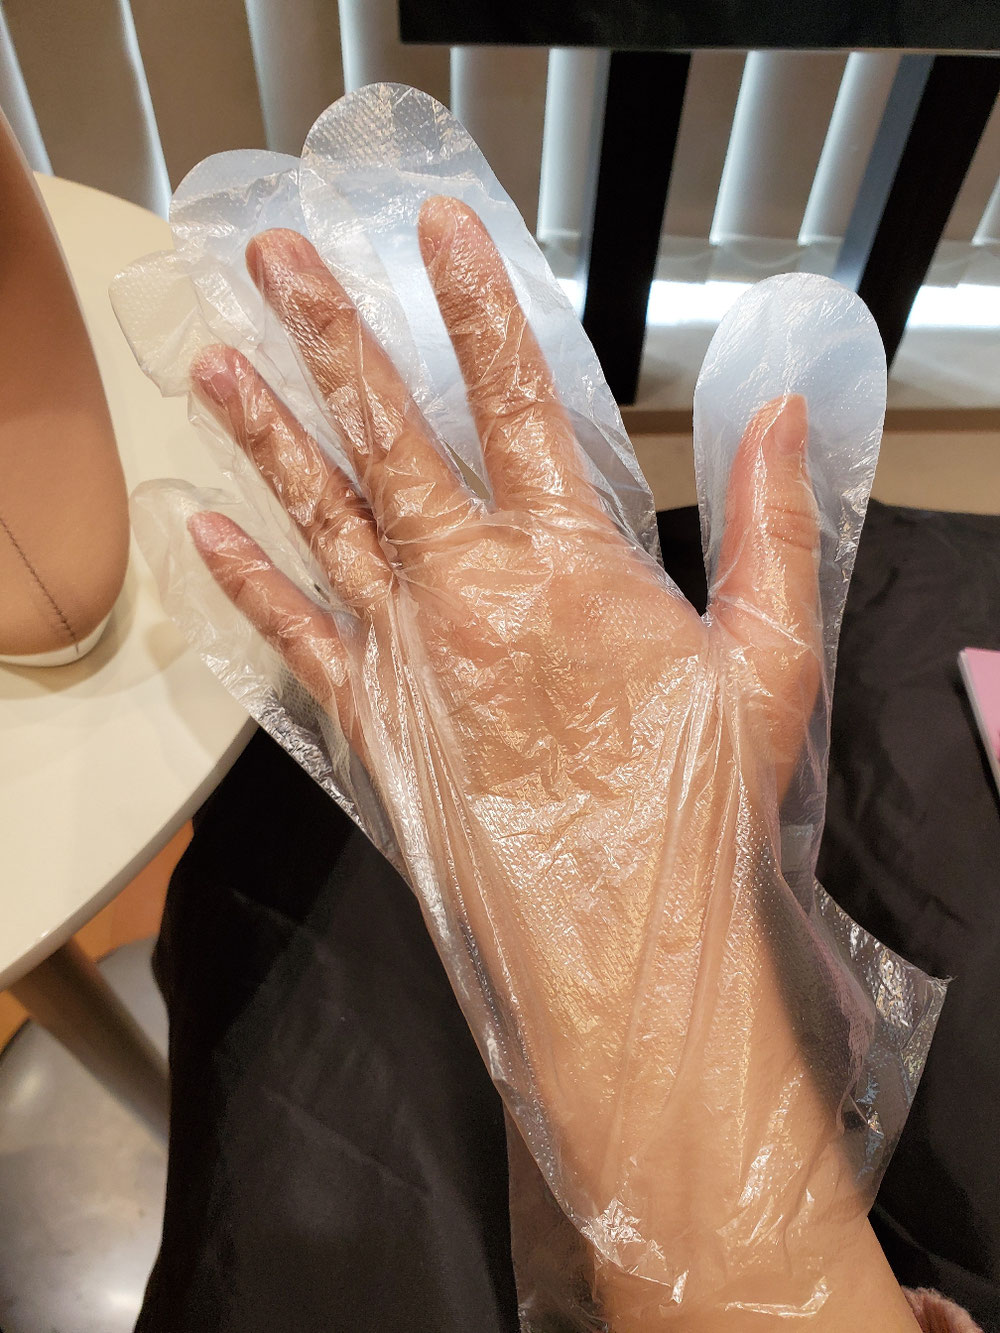 あら、Hちゃん小さくて可愛い手✋♥️手袋ブカブカ(笑)